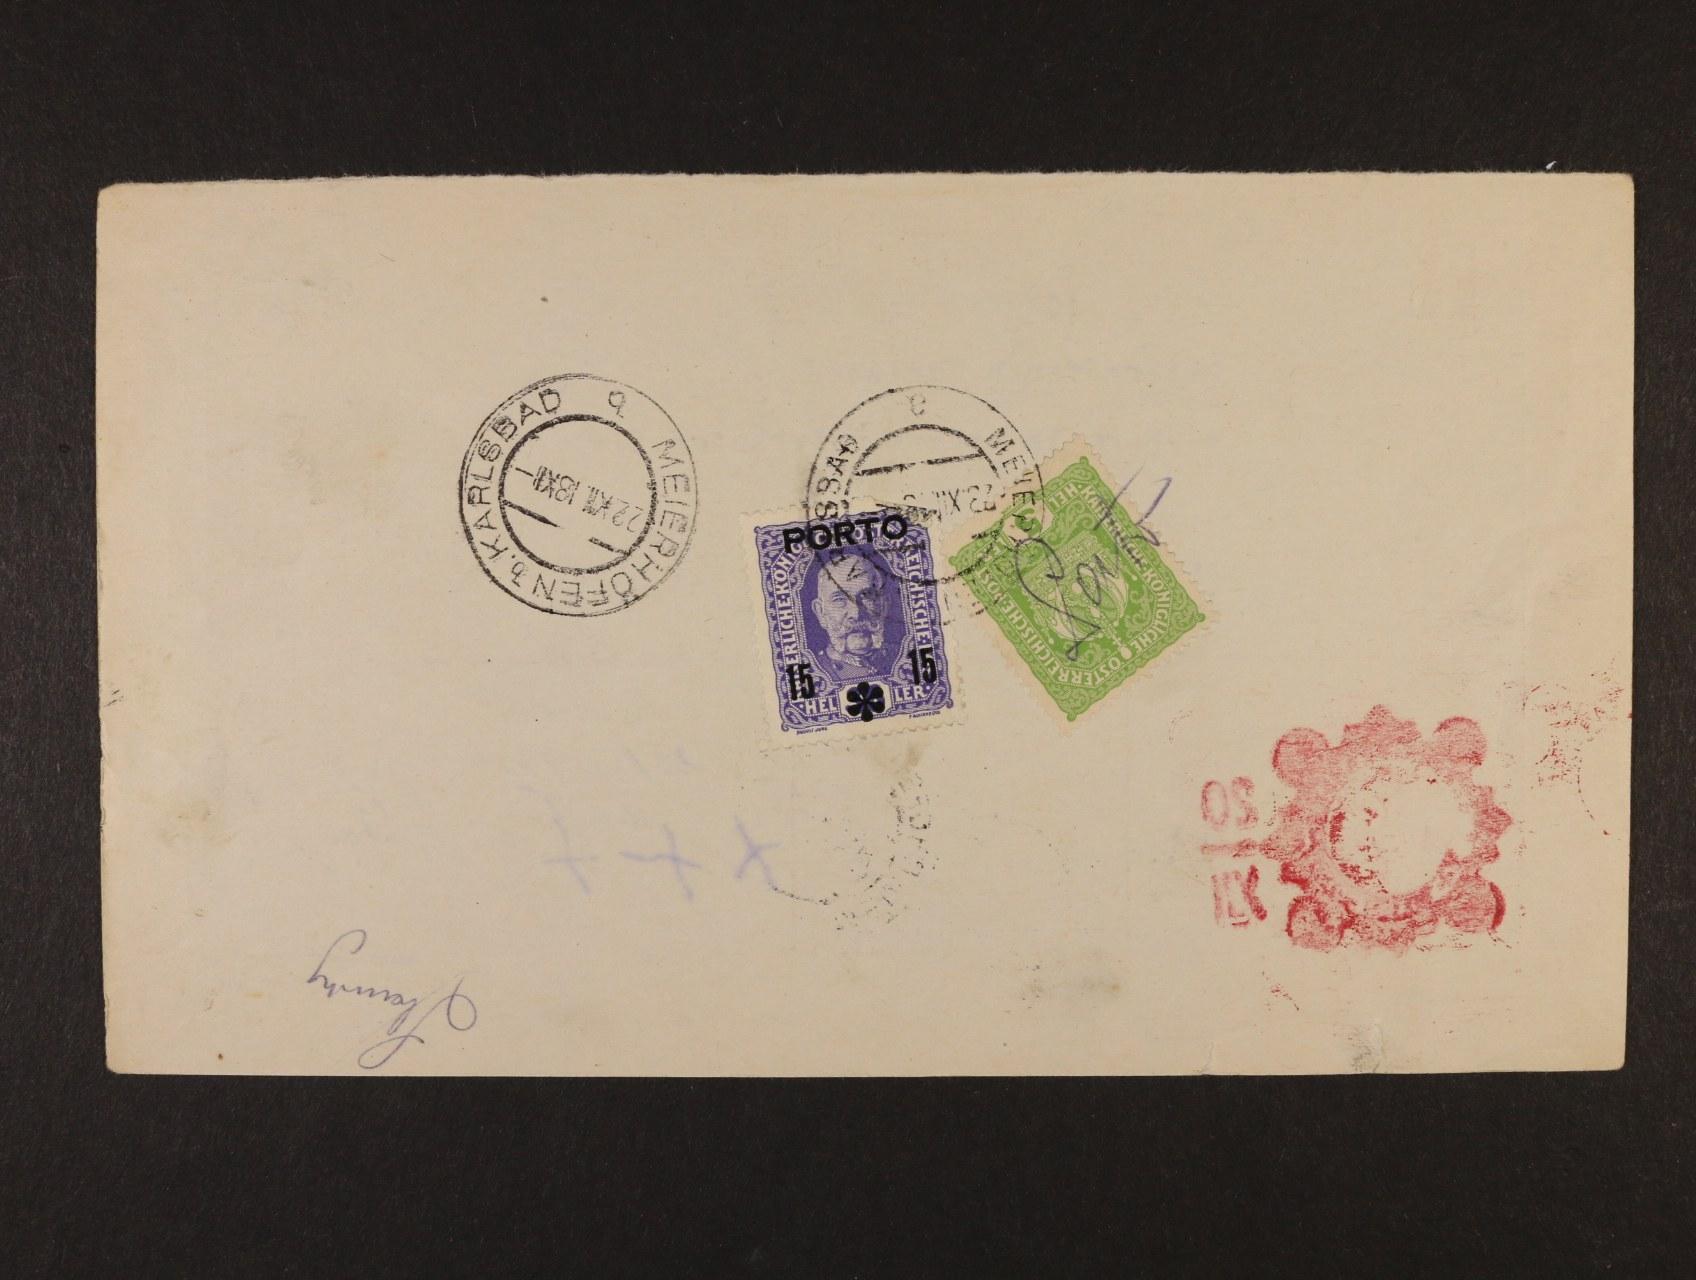 poštovní průvodka poštovní spořitelny Wien zaslaná na pošt. úřad Meierhöfen b. Karlsbad, poštovné ve výši 20h vyplaceno zn. Mi. č. 166 s přepisem Porto + zn. P 59, znehodnoceno raz. MEIERHÖFEN b. KARLSBAD 22.12.18, zajímavé